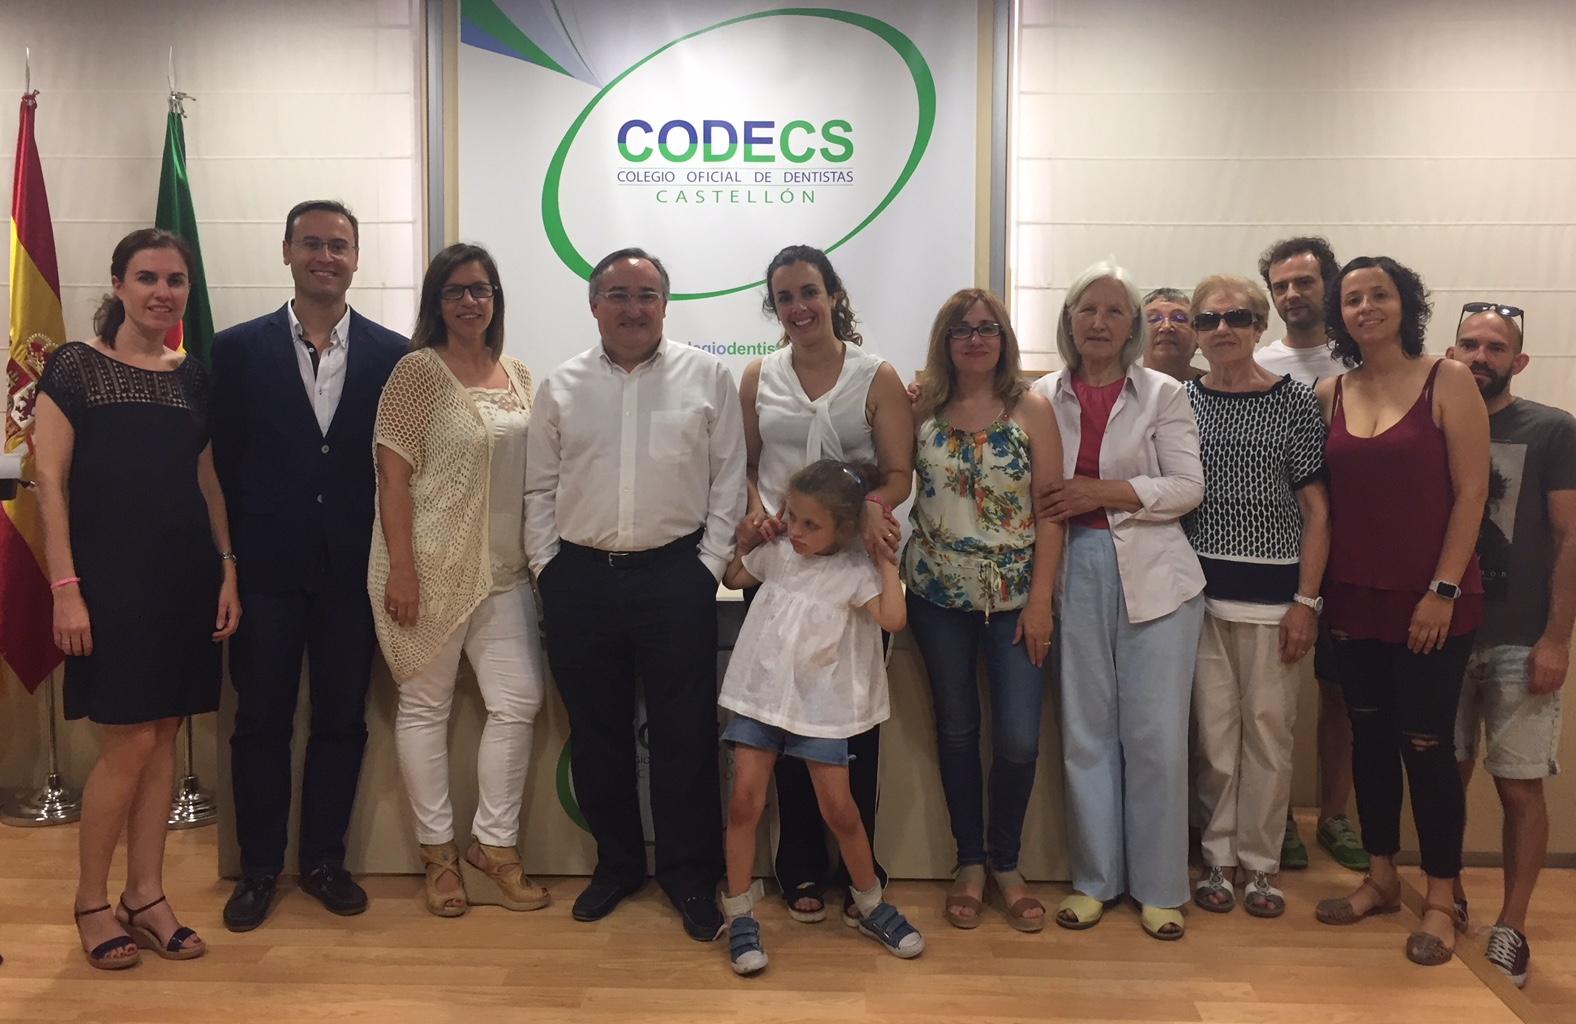 Participantes en el acto solidario celebrado en el CODECS, junto a miembros de la junta.